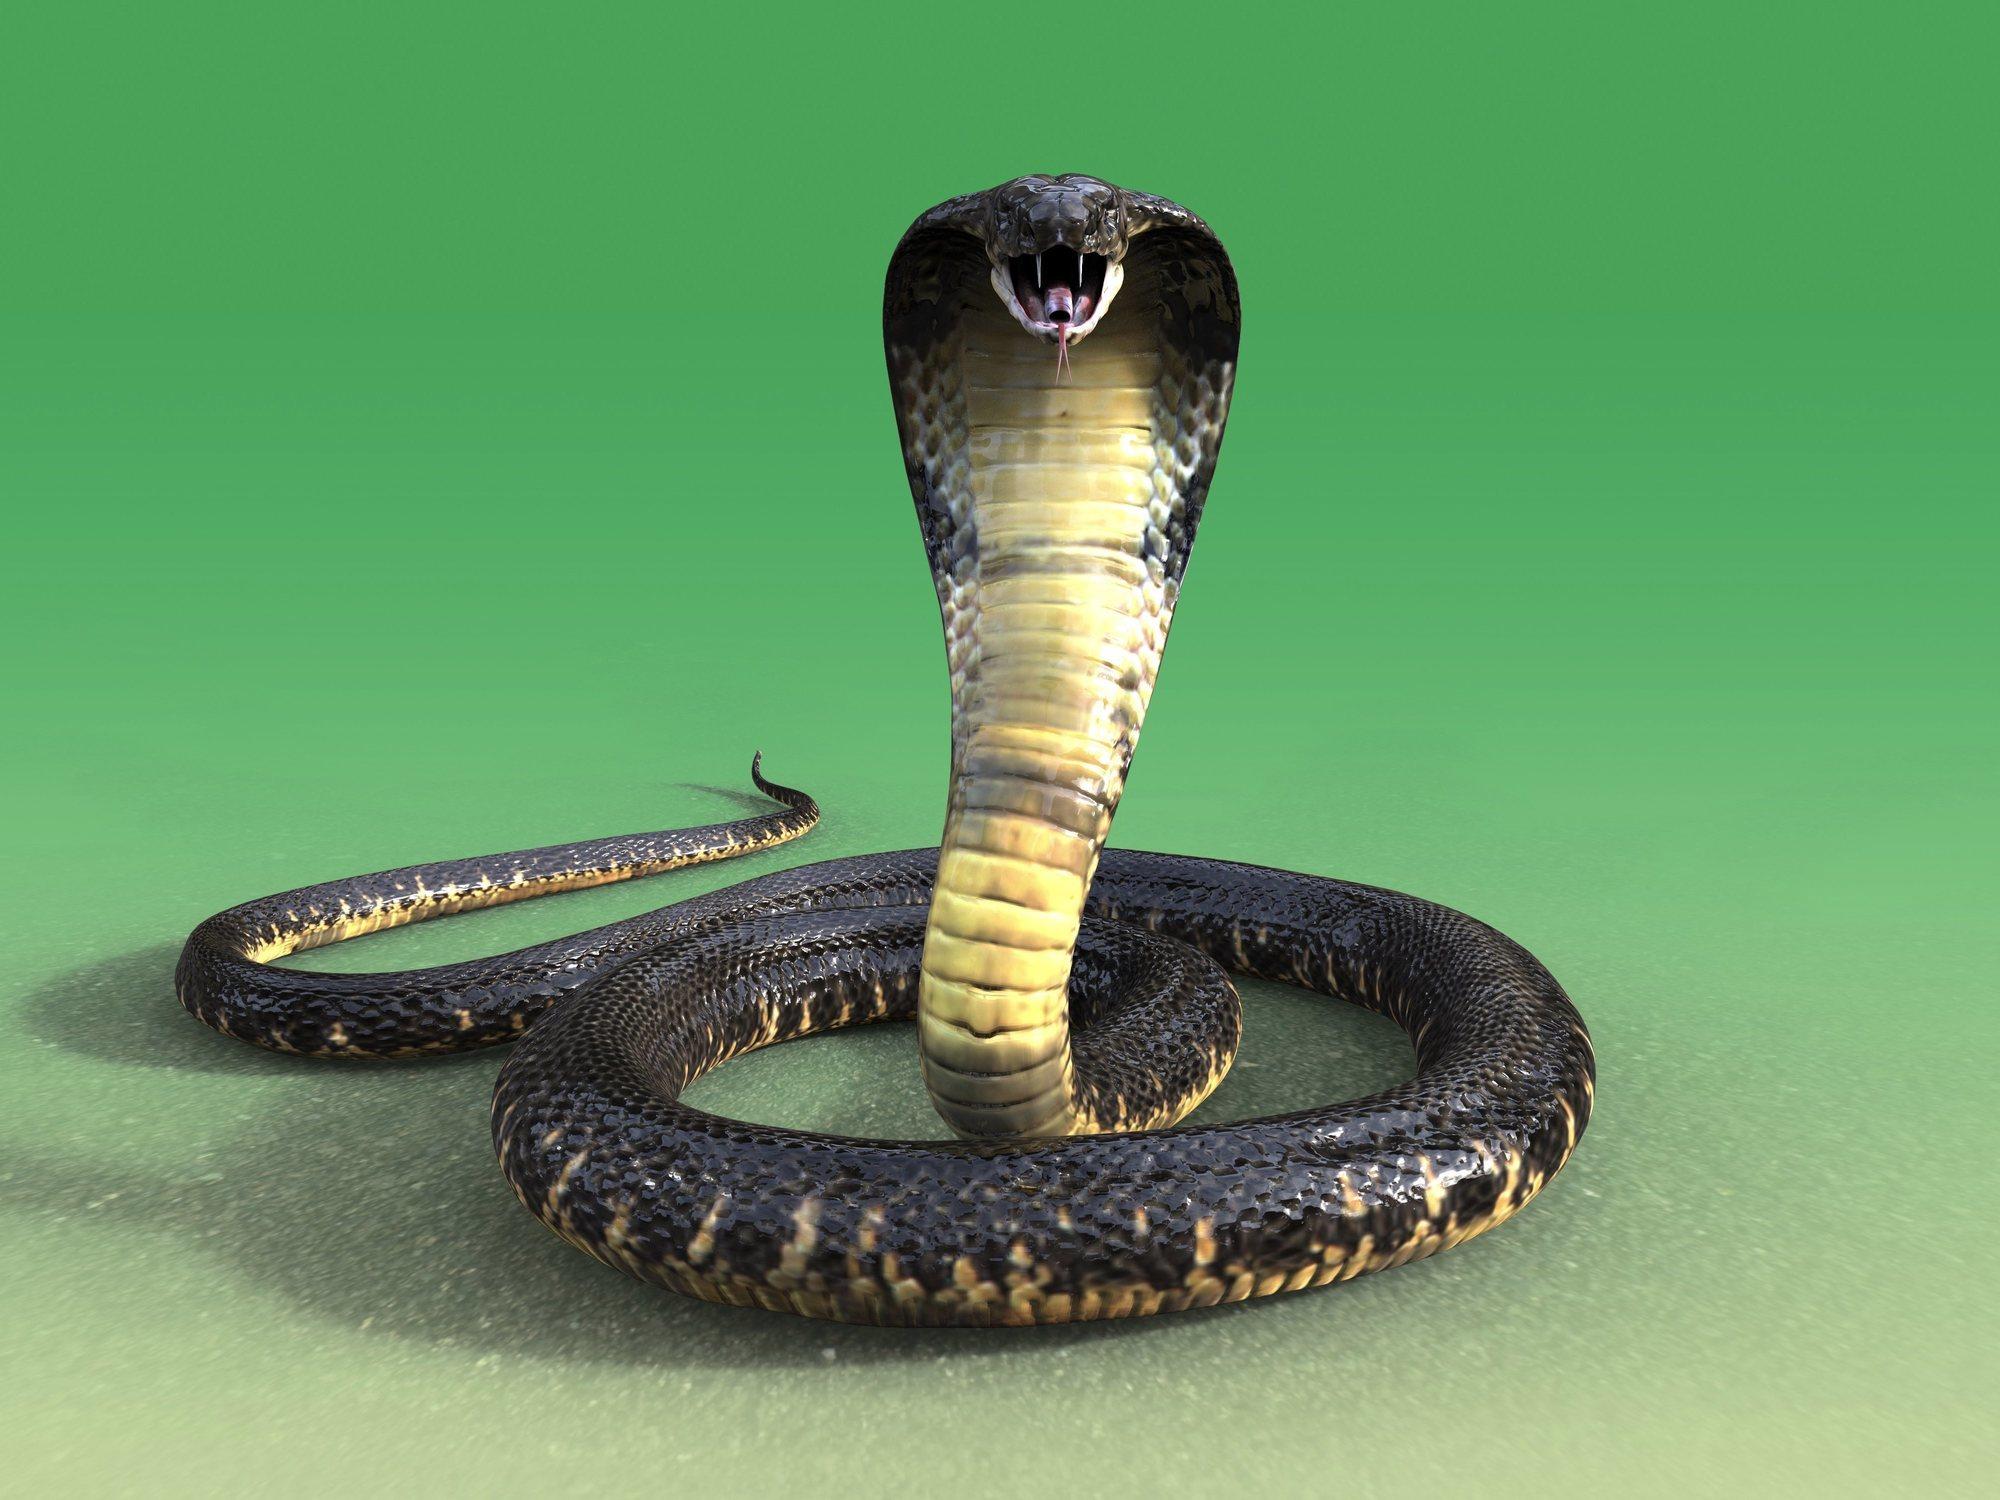 Una niña de 5 años sorprendida por una cobra venenosa de grandes dimensiones en el inodoro